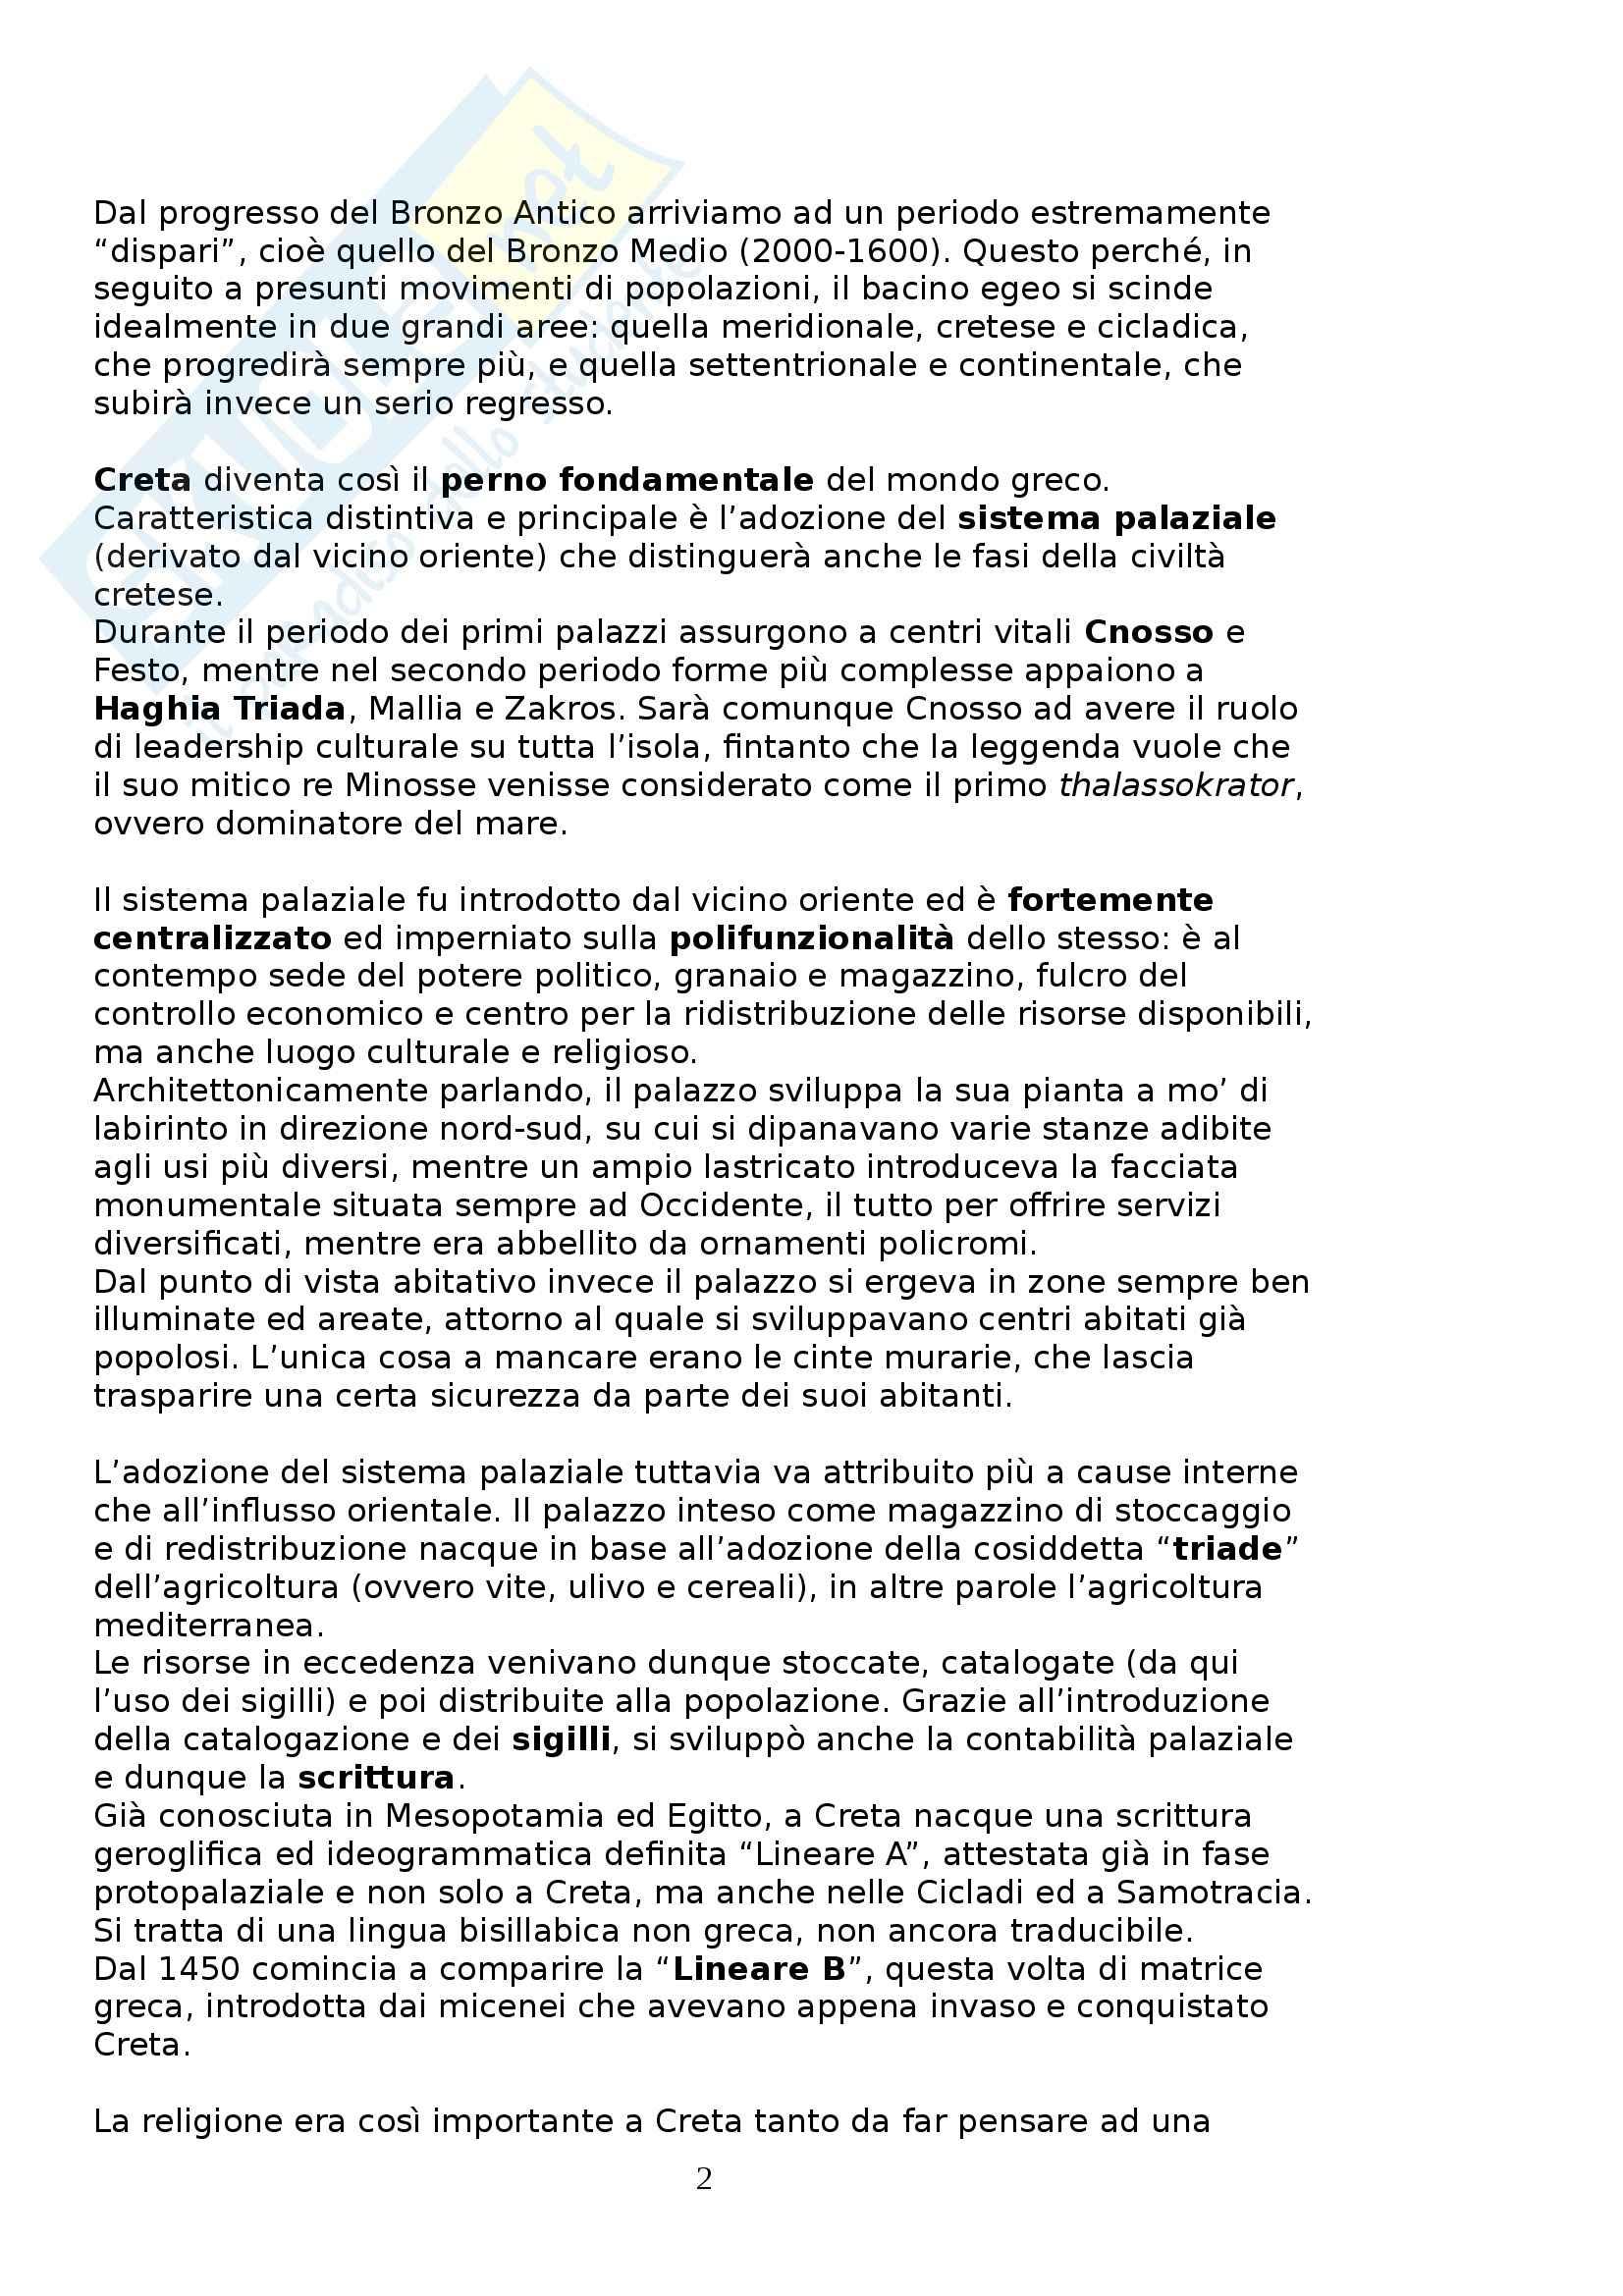 Riassunto esame Storia greca, prof. Culasso, libro consigliato Manuale di Storia greca, di C. Bearzot Pag. 2